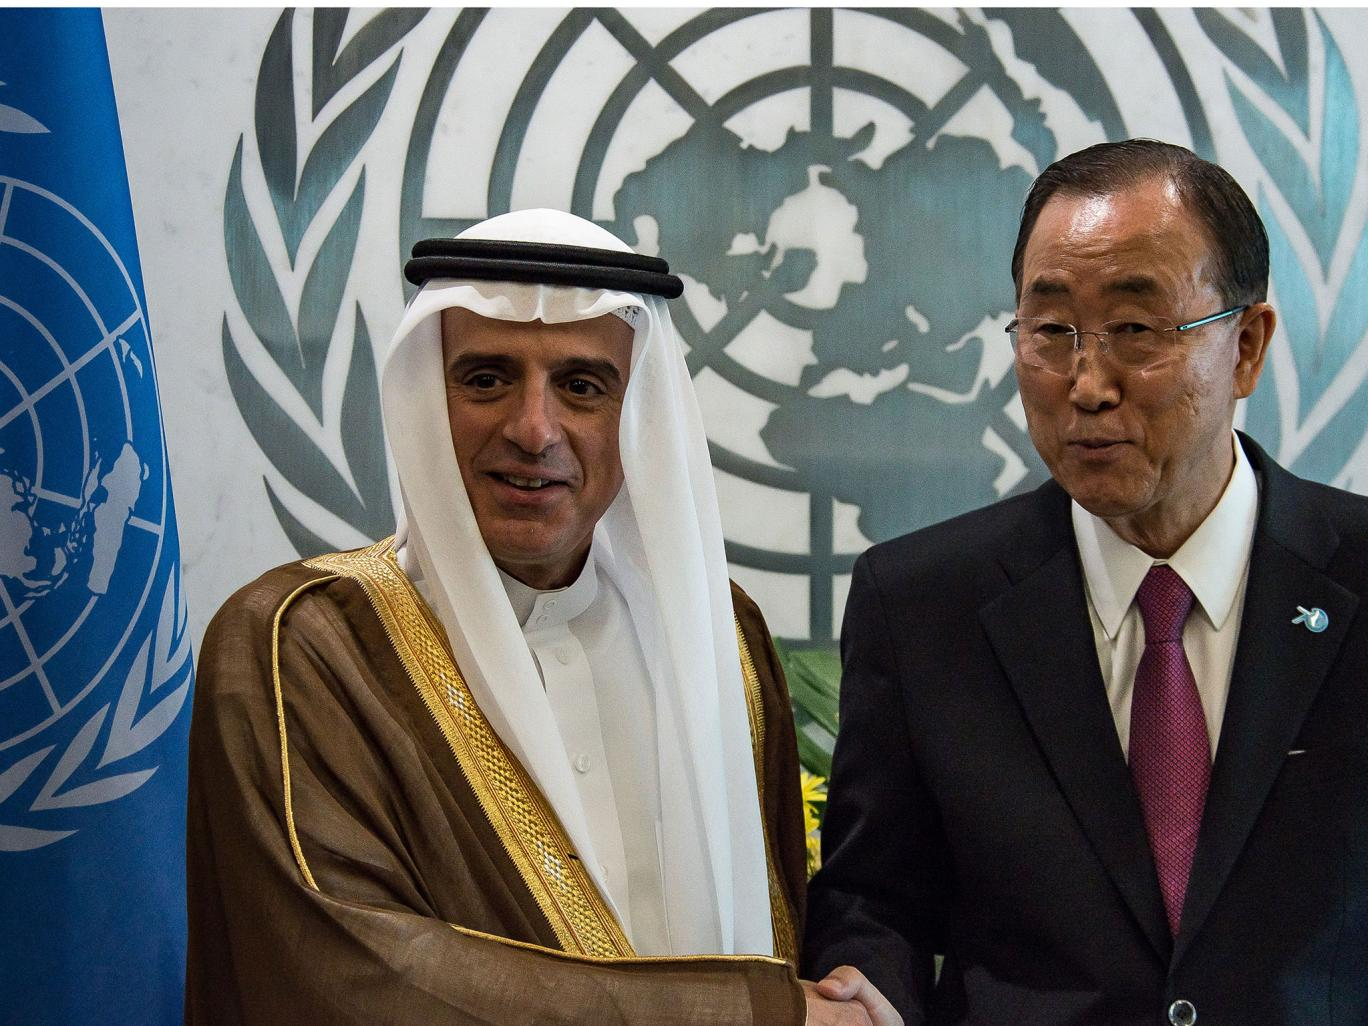 الجبیر در پاسخ به روحانی:ایران عامل بی ثباتی در منطقه و بدبختی مردم سوریه و یمن است